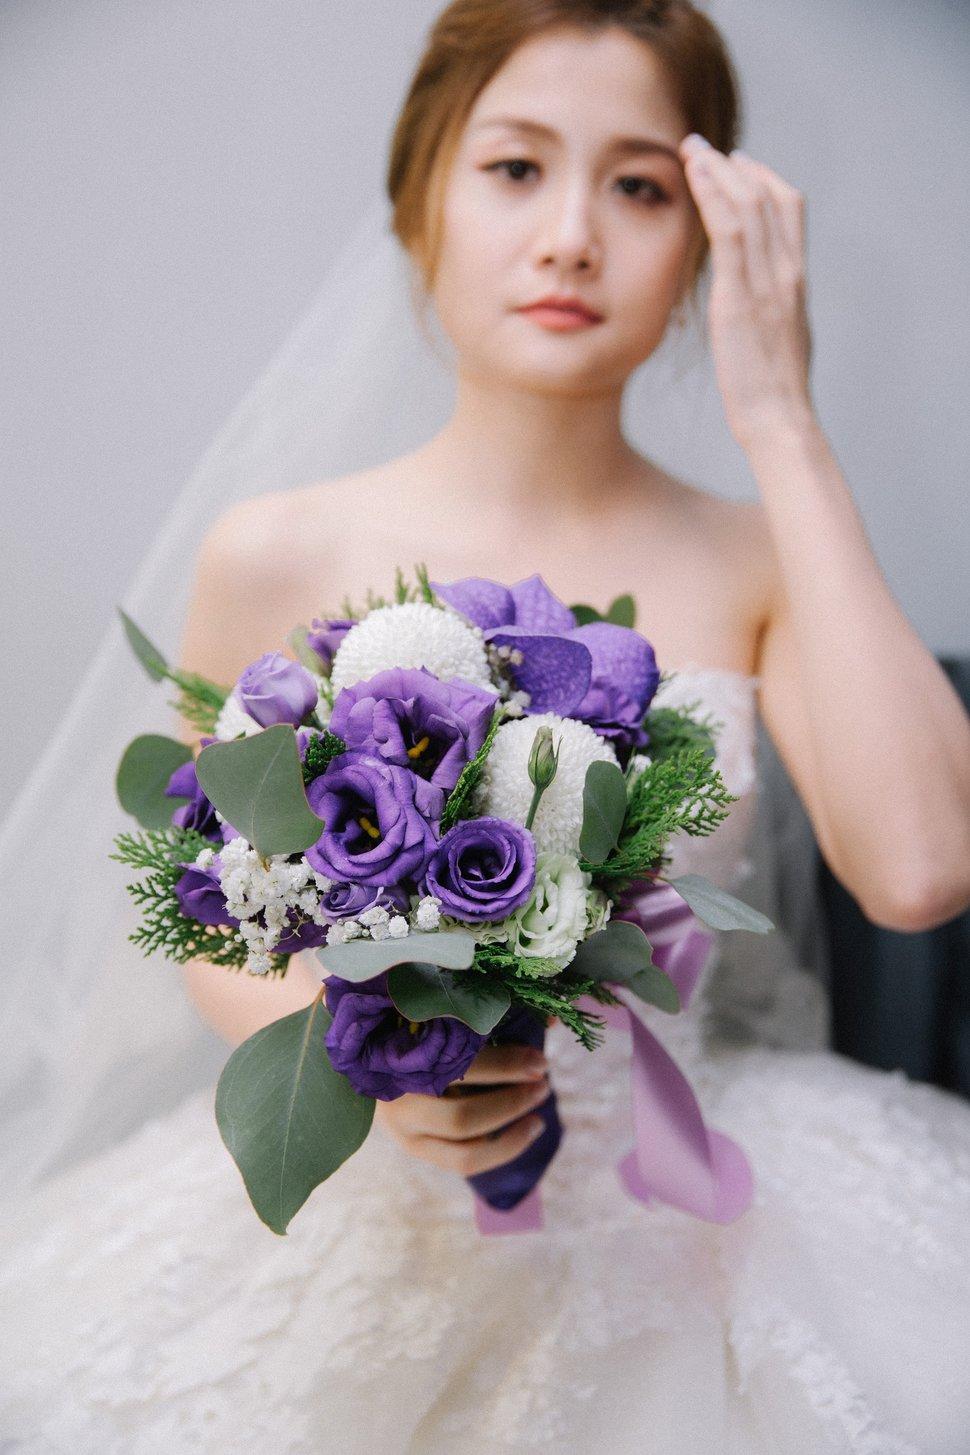 2018-12-23  (368) - 瞳心尉泯 -婚禮攝影 - 結婚吧